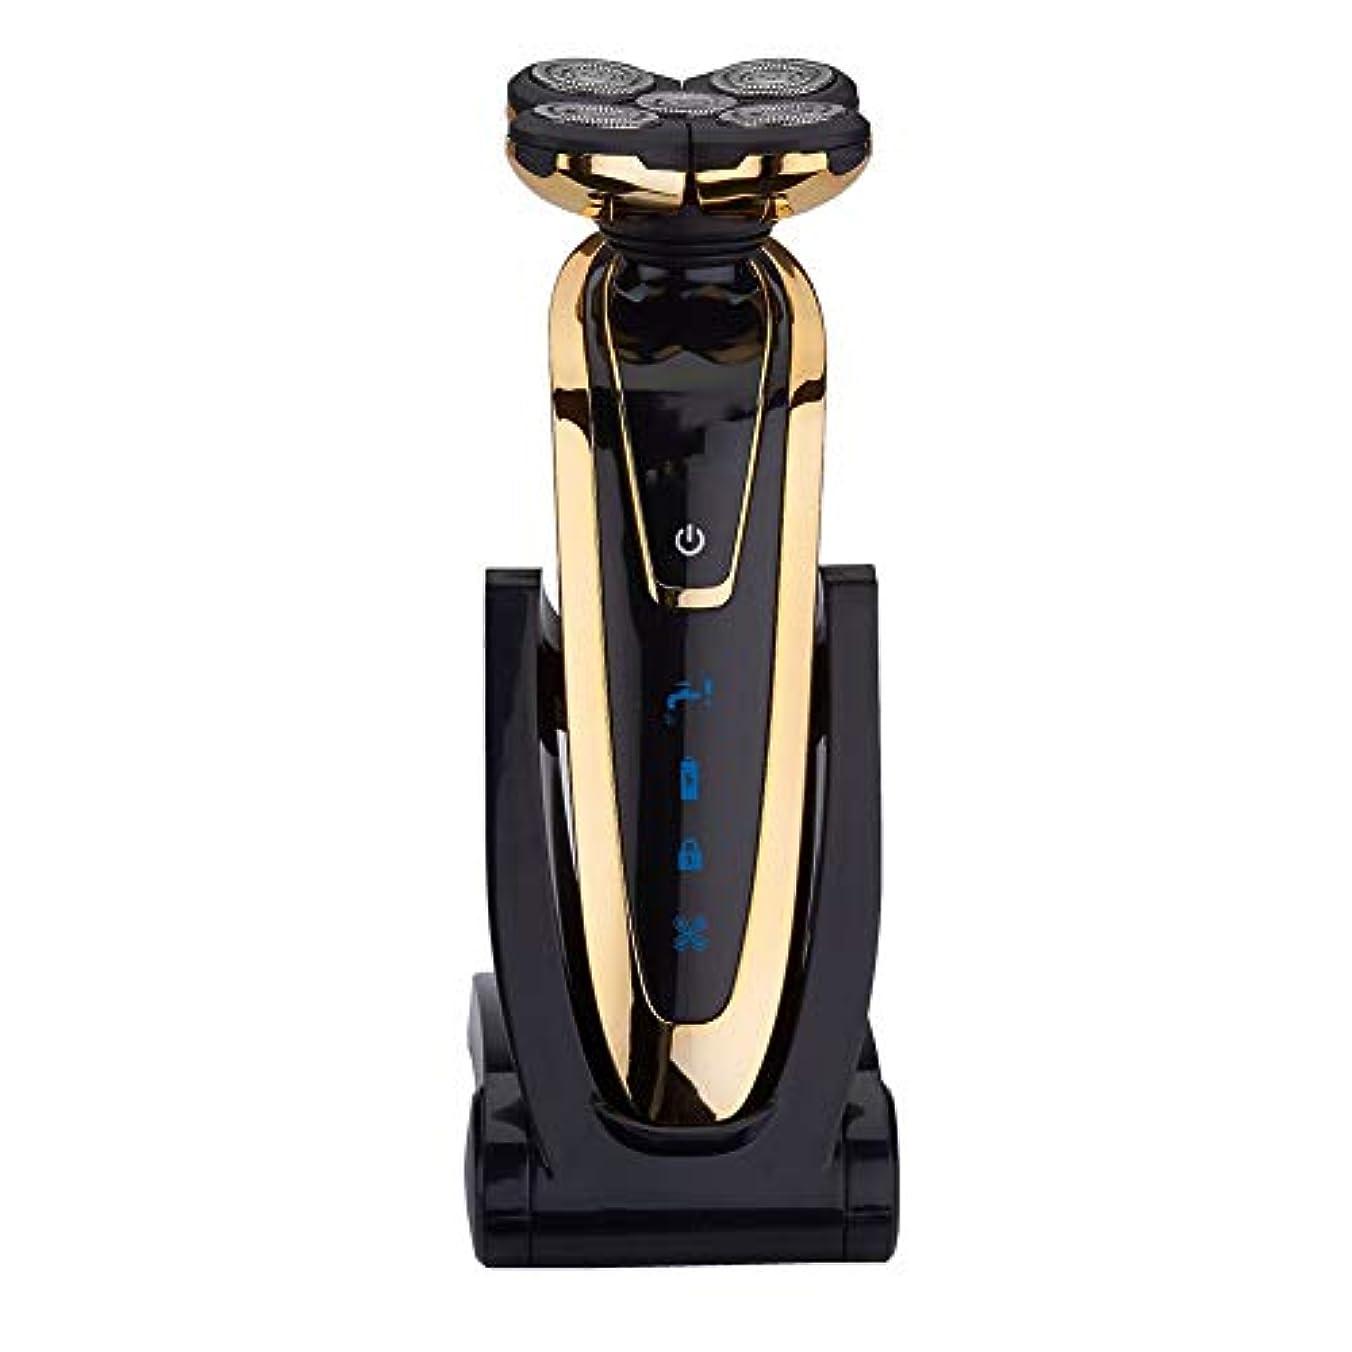 住人にぎやか遊具回転式カミソリ男性用電気シェーバー充電式コードレスカミソリウェット&ドライボディ防水